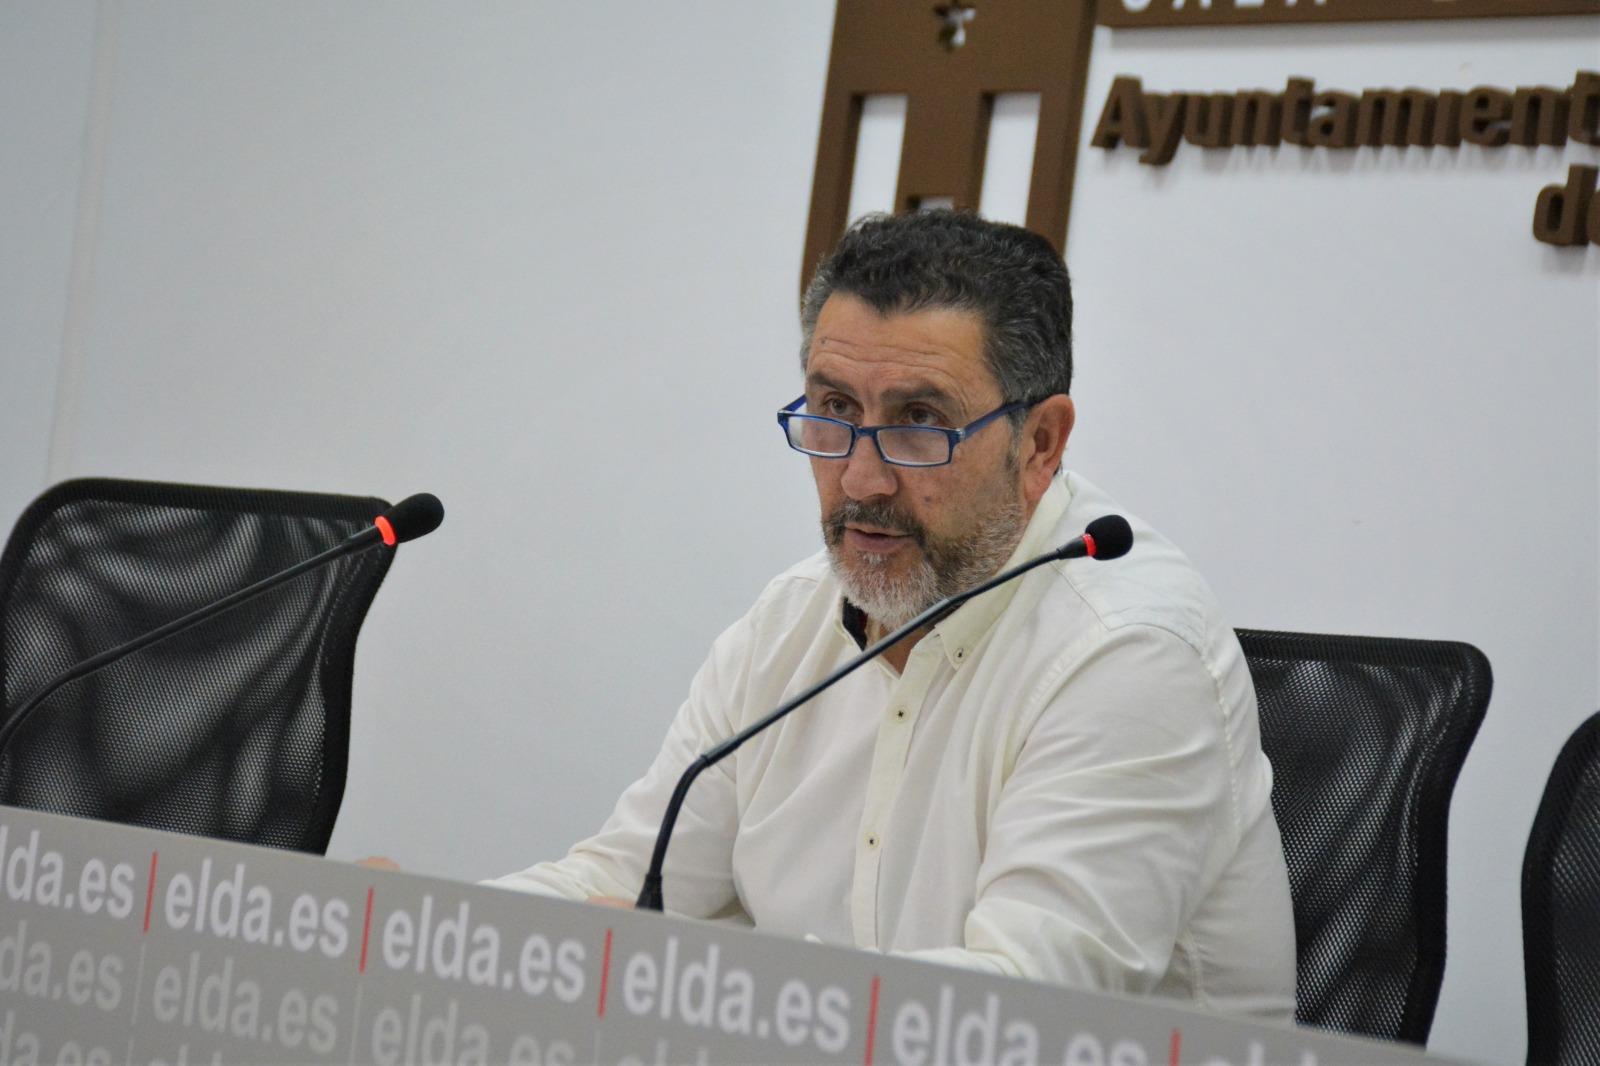 El Ayuntamiento de Elda aprueba las bases para las becas de transporte público universitario del curso 2018-2019